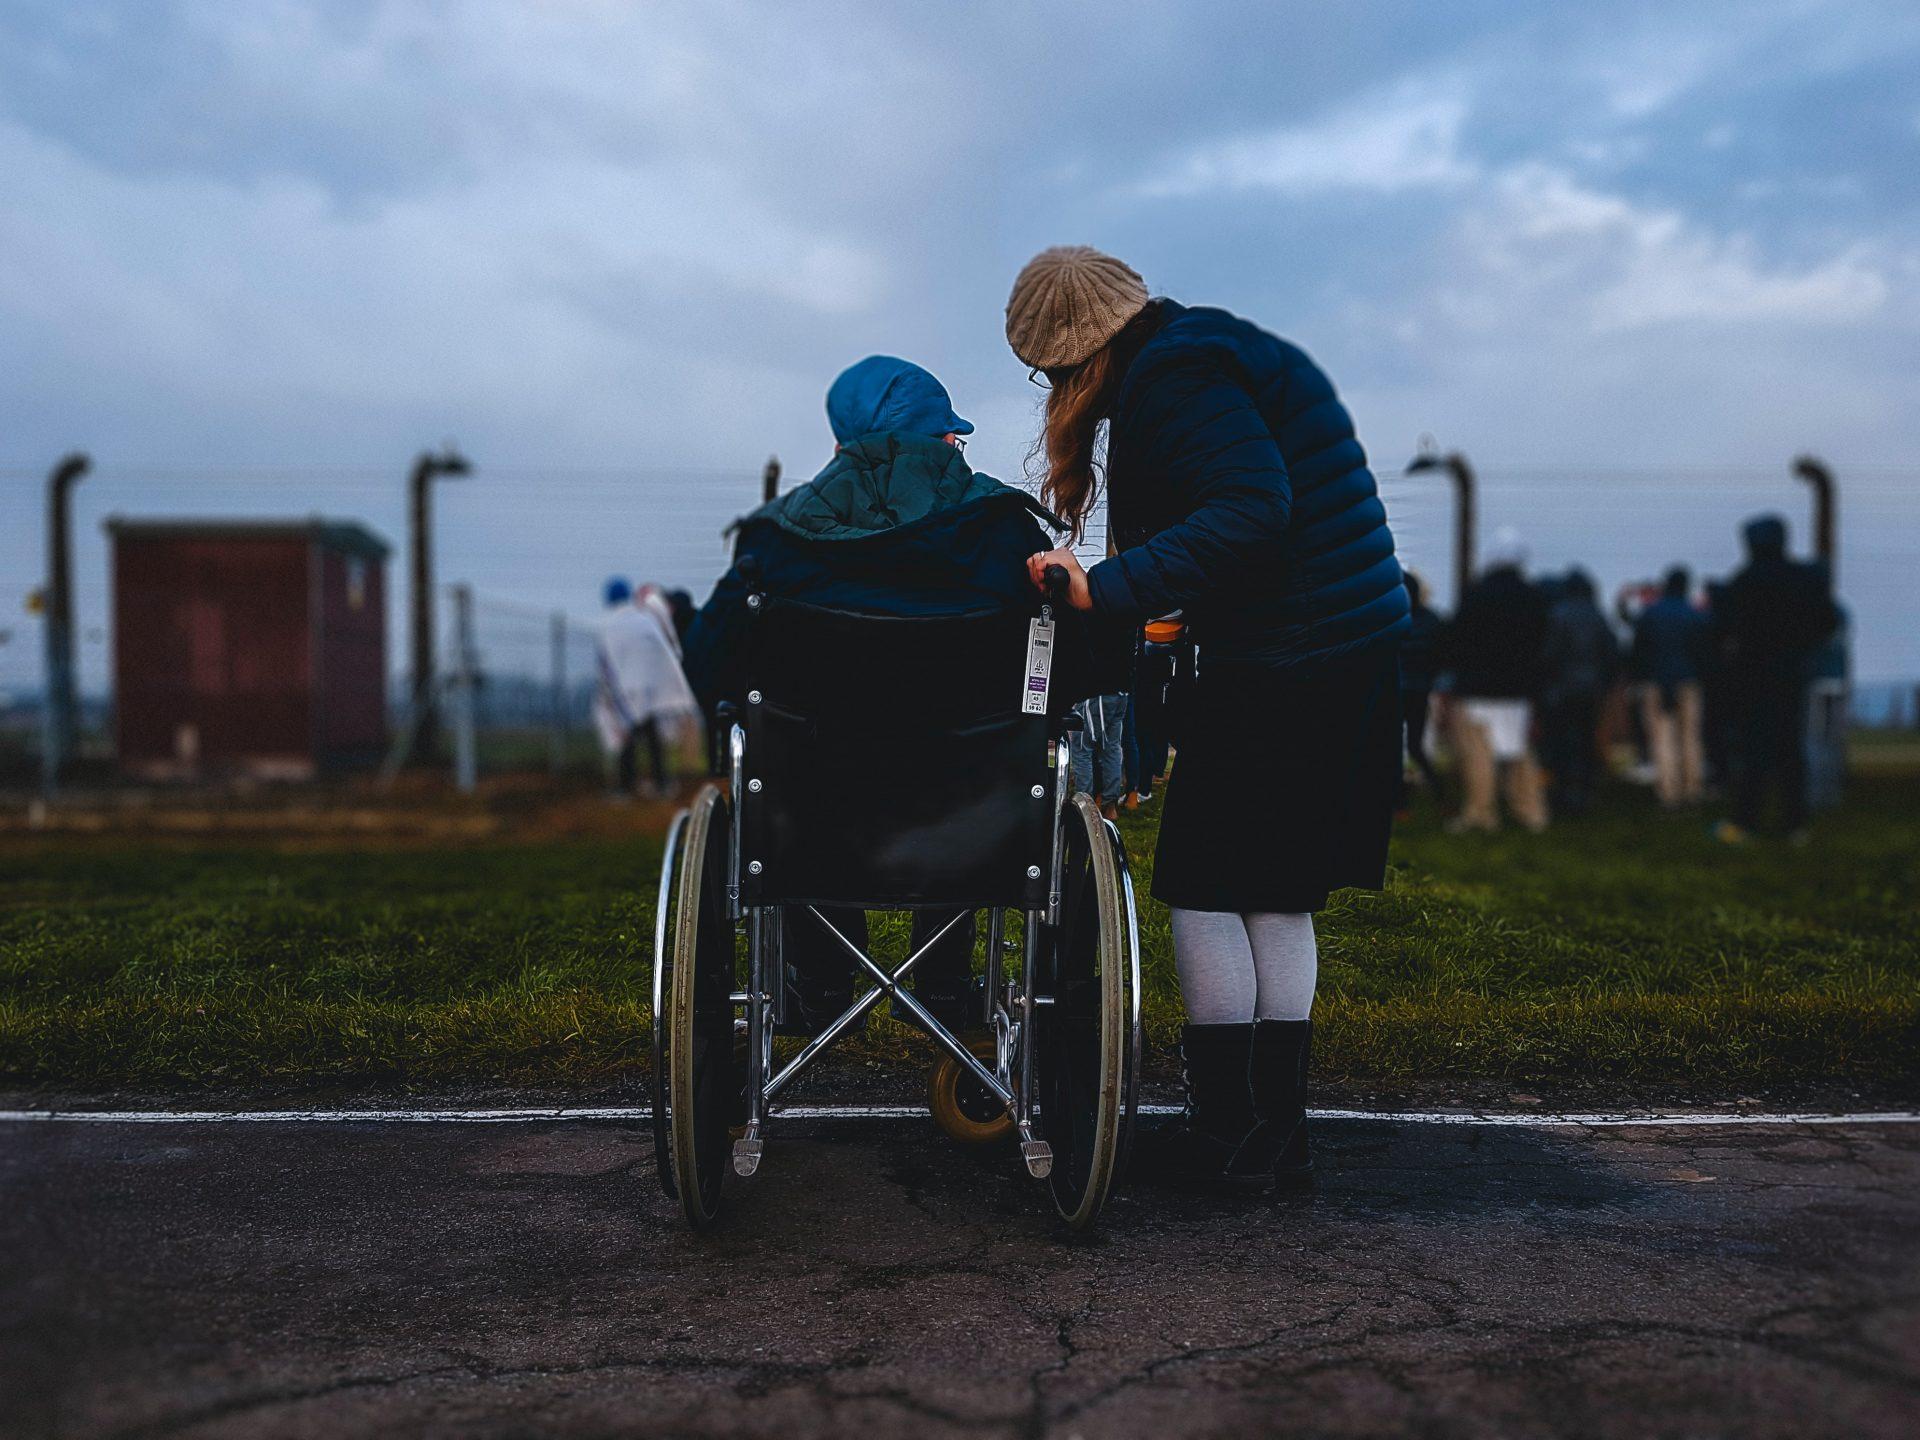 24-Stunden-Betreuung: Wer sind die Frauen, die unsere Eltern pflegen?